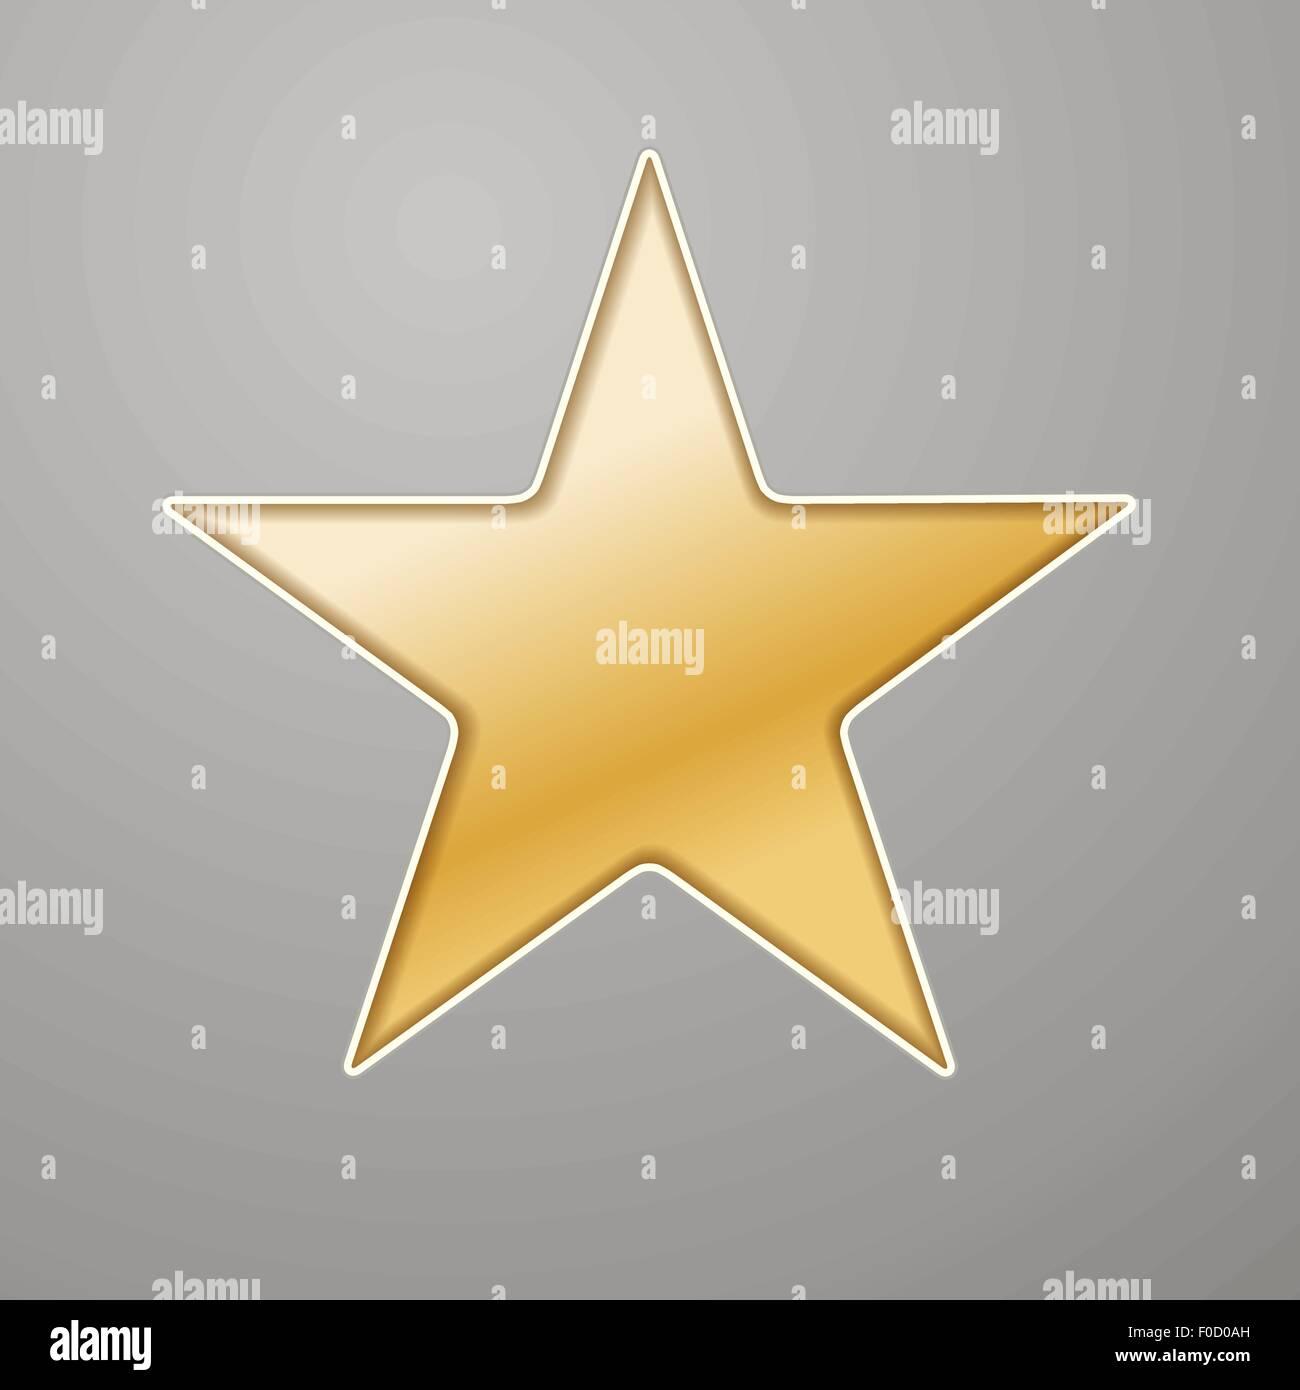 goldene sterne hintergrund in graues papier ausschneiden vektor abbildung bild 86337513 alamy. Black Bedroom Furniture Sets. Home Design Ideas